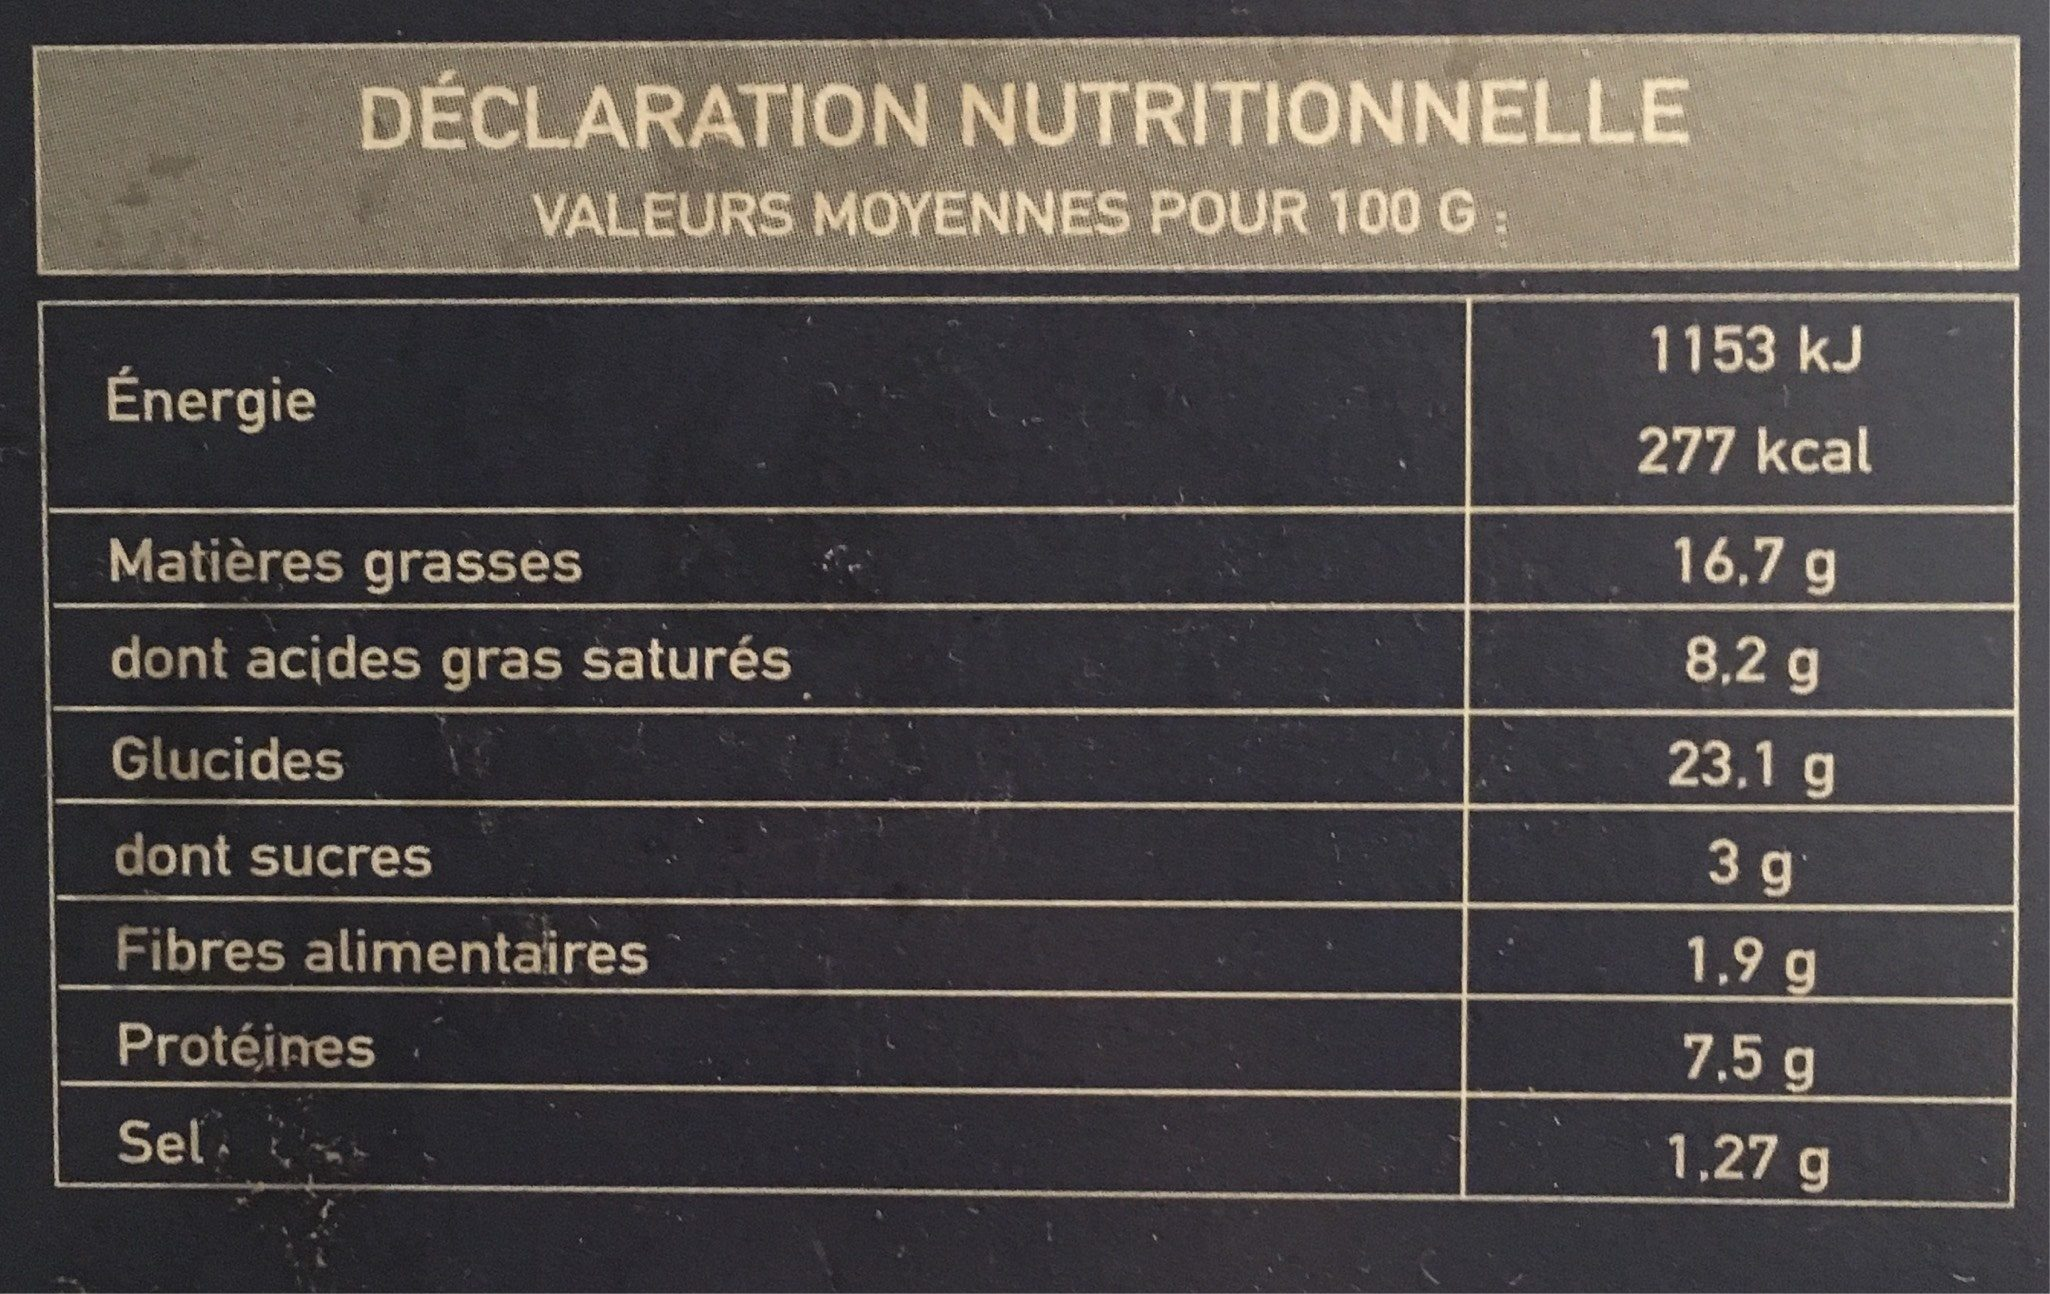 Paniers feuilletes canard confit - Informations nutritionnelles